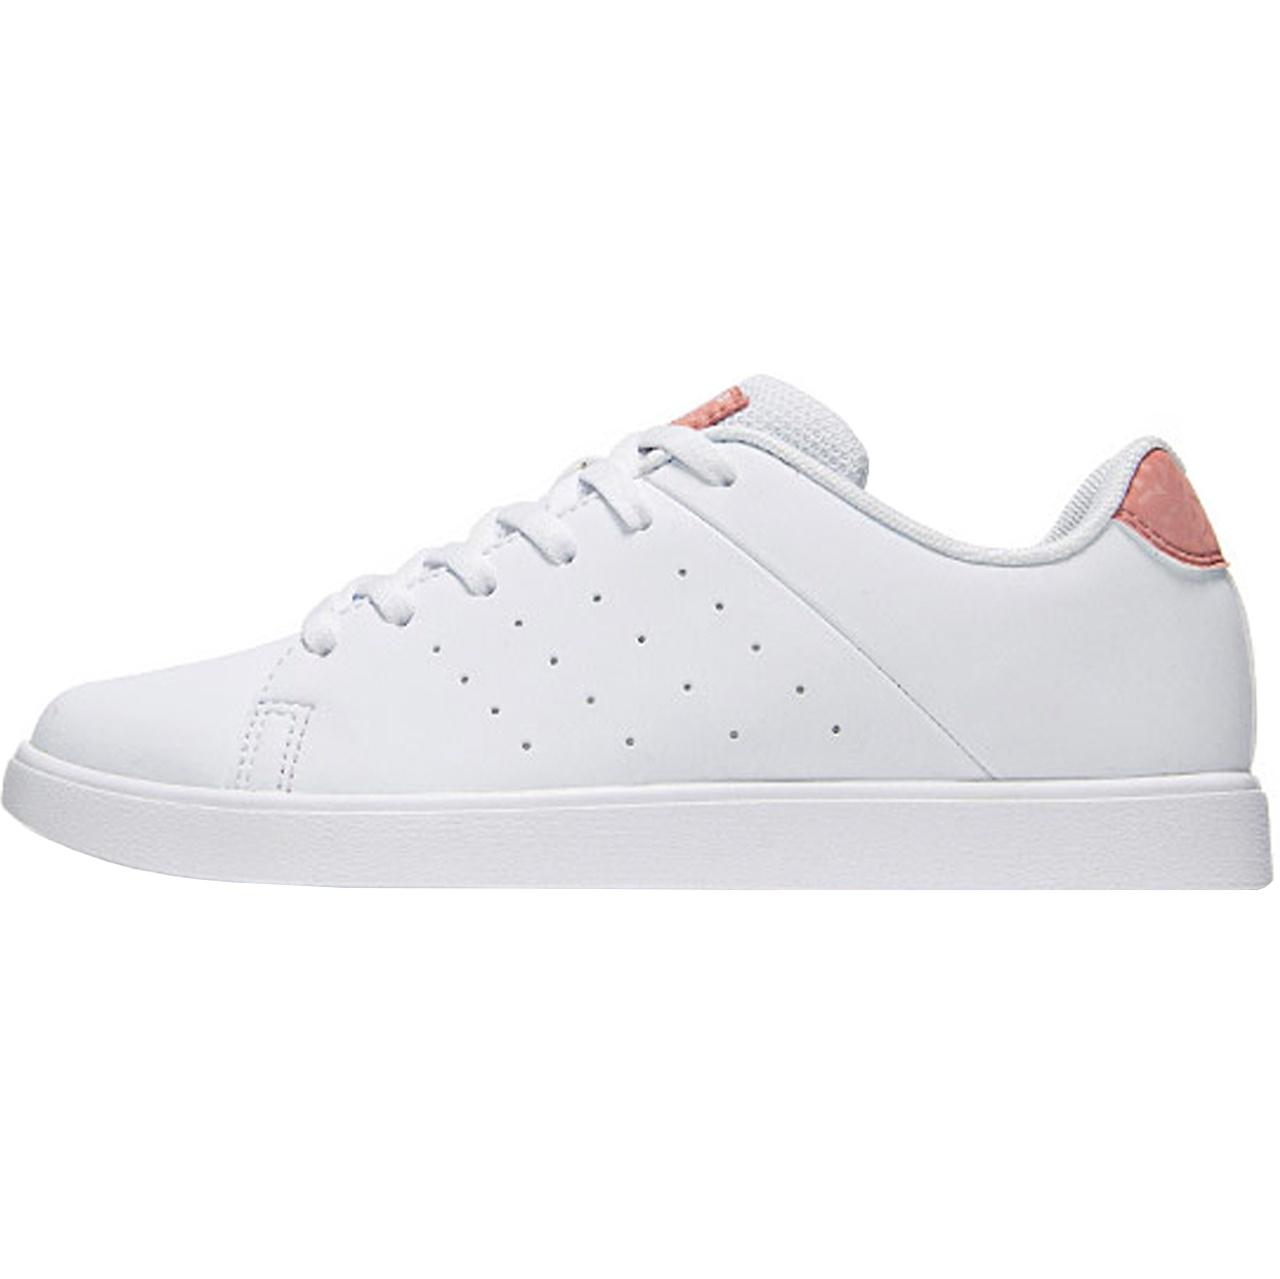 کفش راحتی زنانه 361 درجه کد 681836603-2